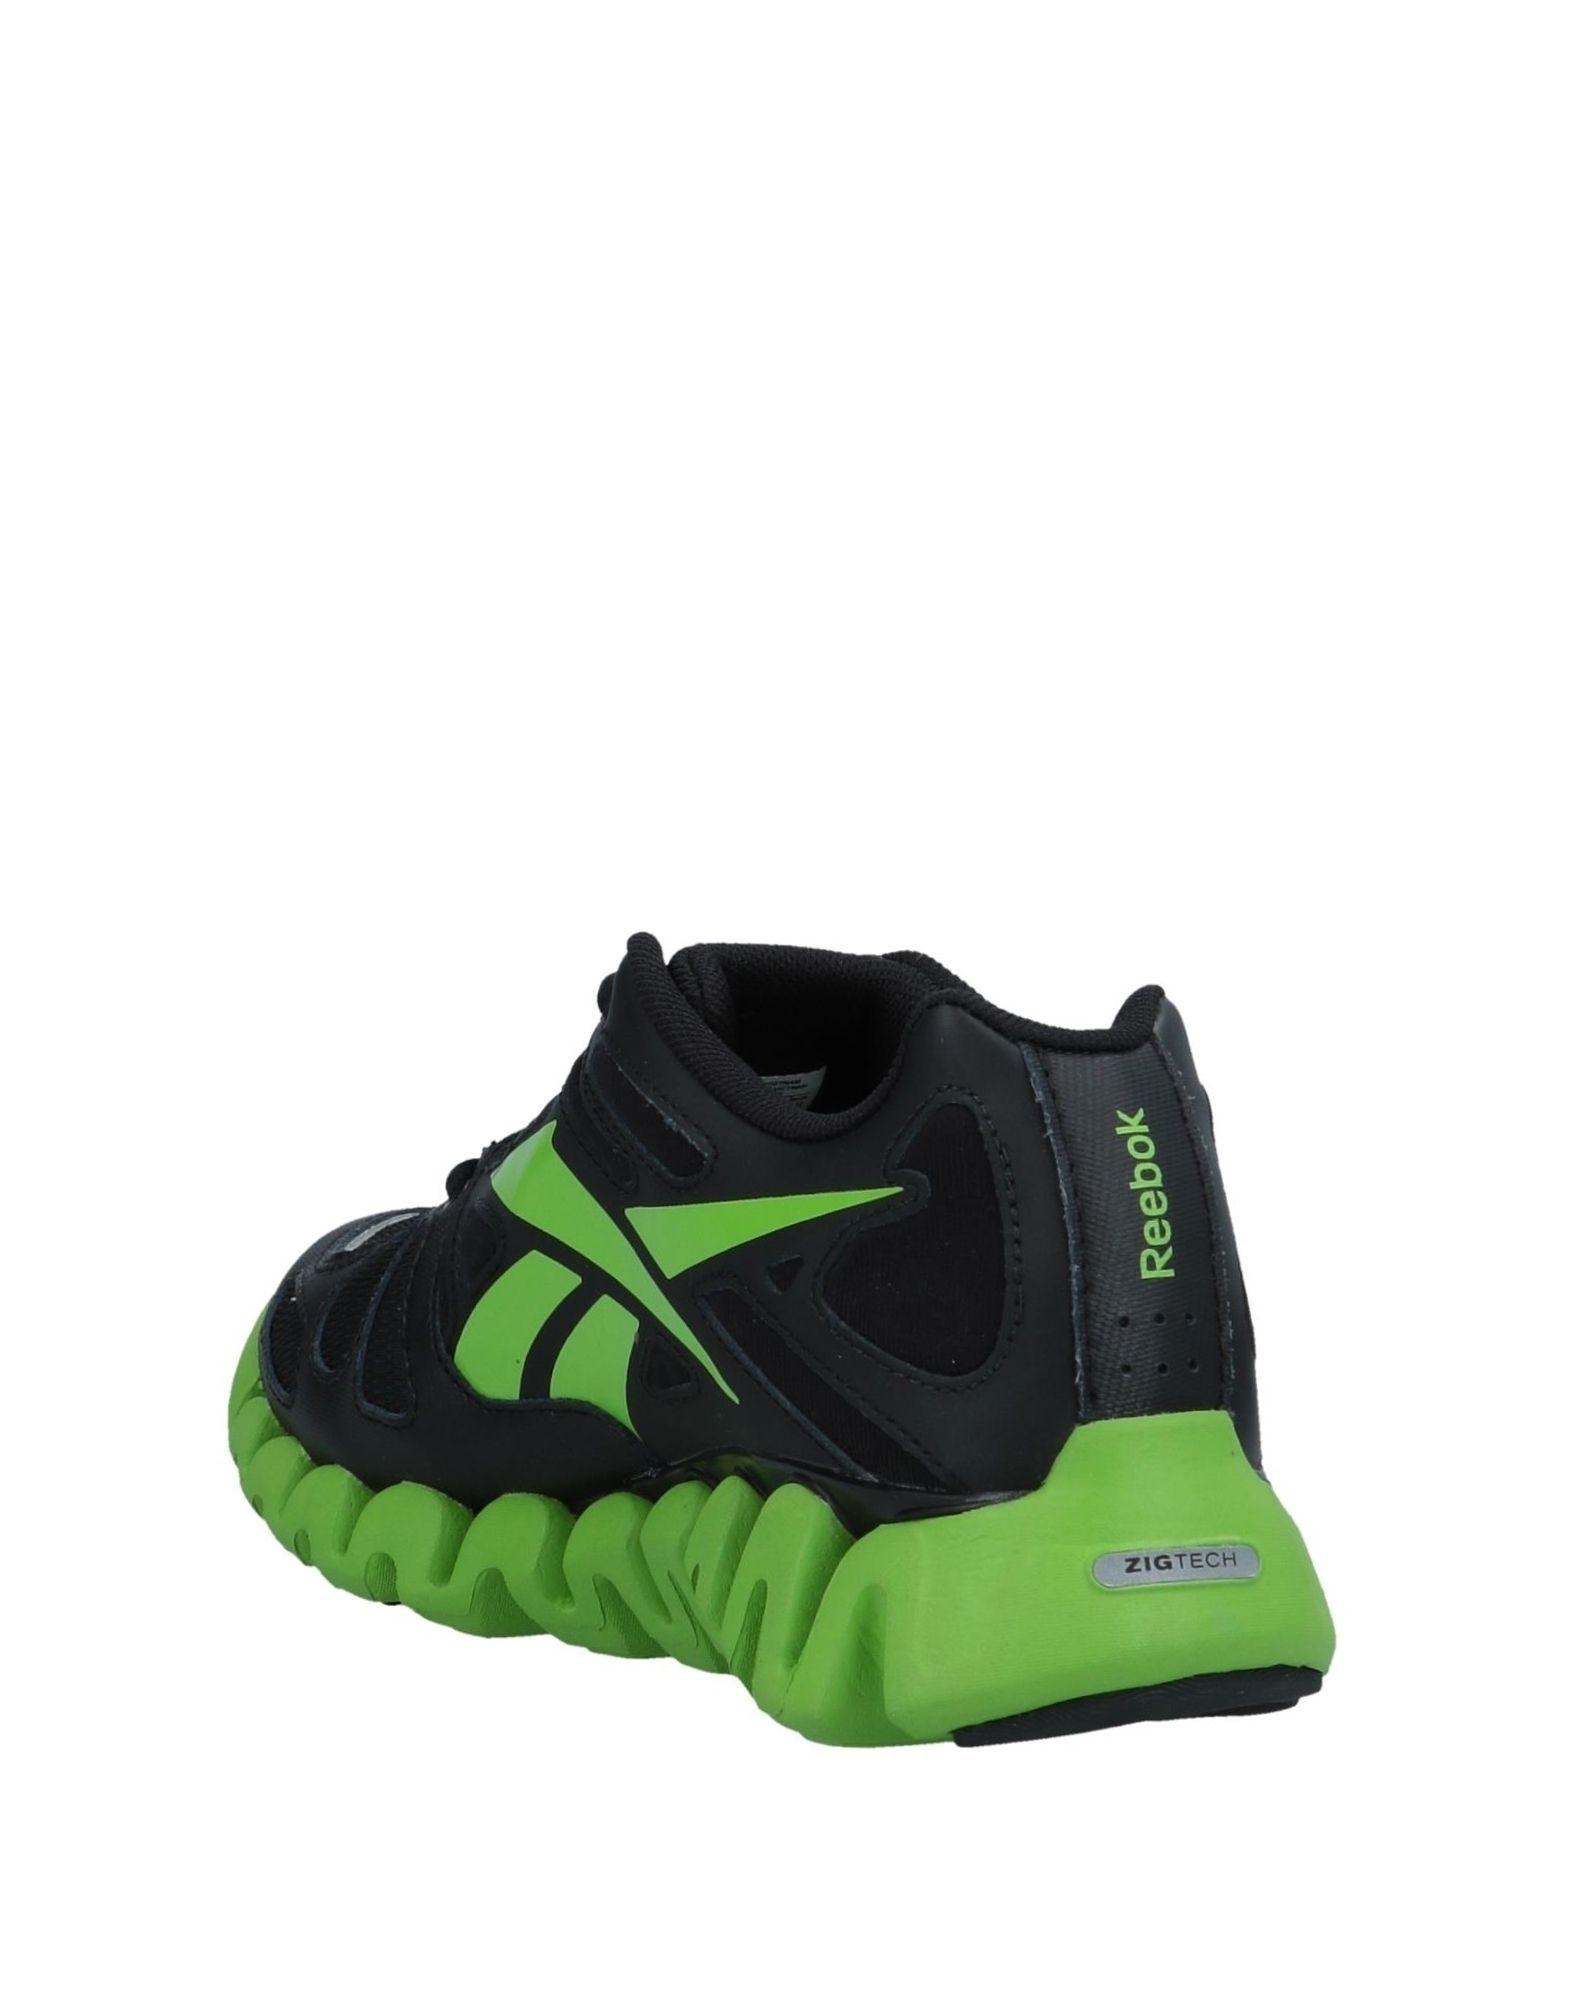 Reebok Sneakers Damen  11551735WW 11551735WW   e1d5ea